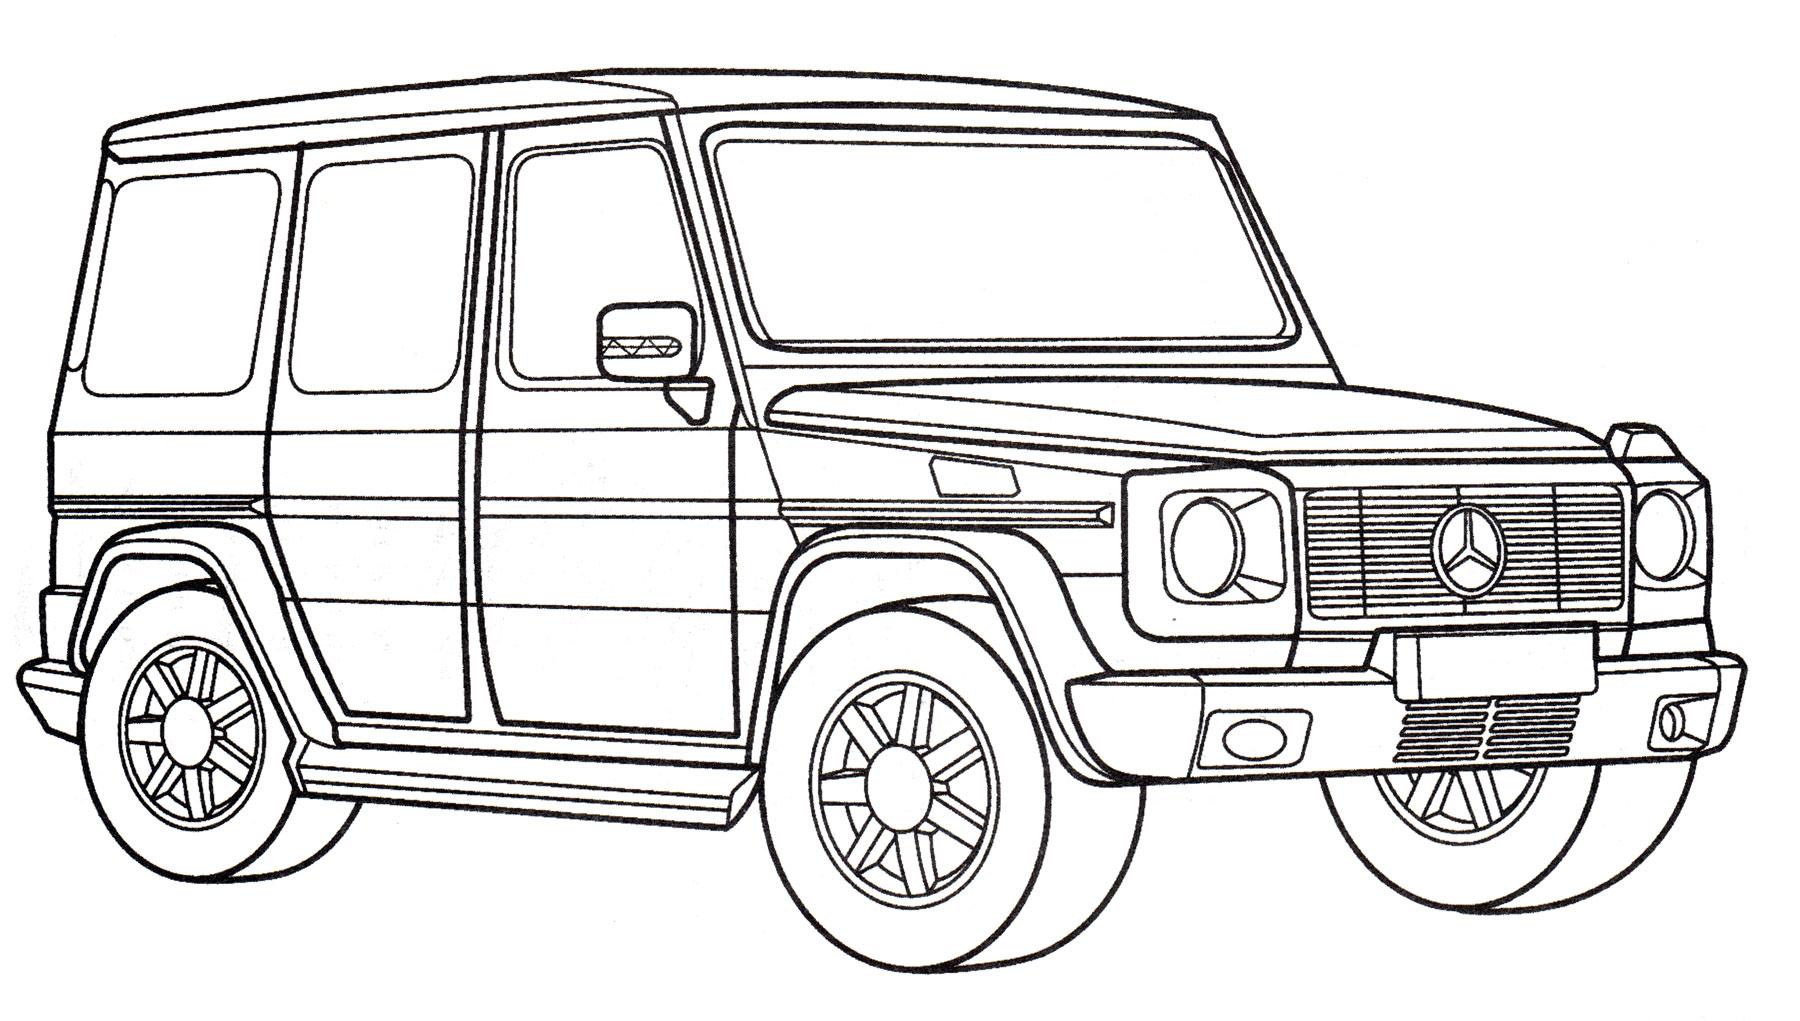 Раскраска Mercedes G 55 AMG - распечатать бесплатно